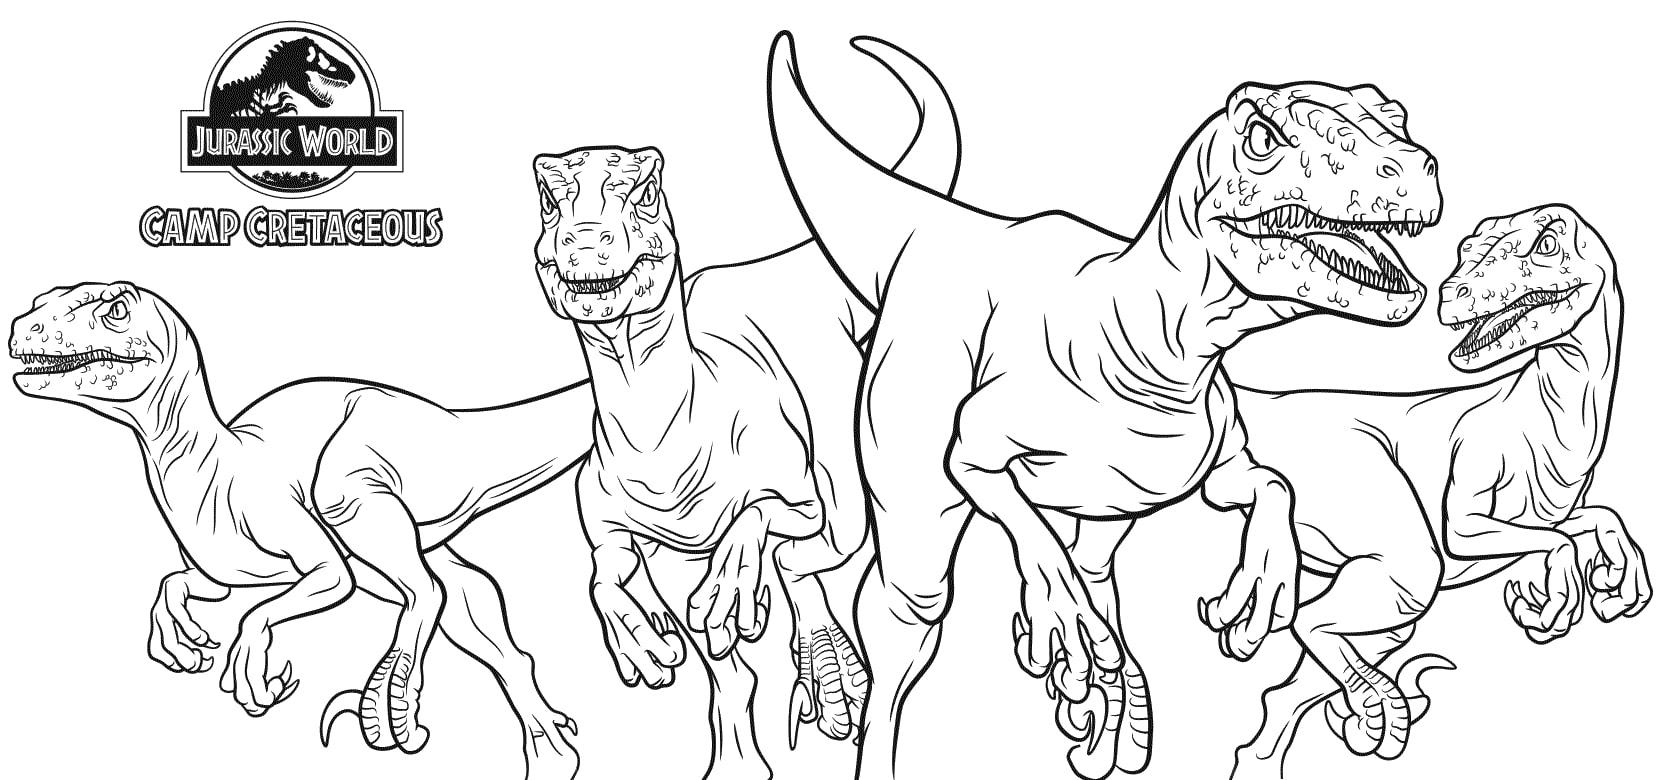 Ausmalbilder Jurassic World - Camp Cretaceous  Kostenlos drucken